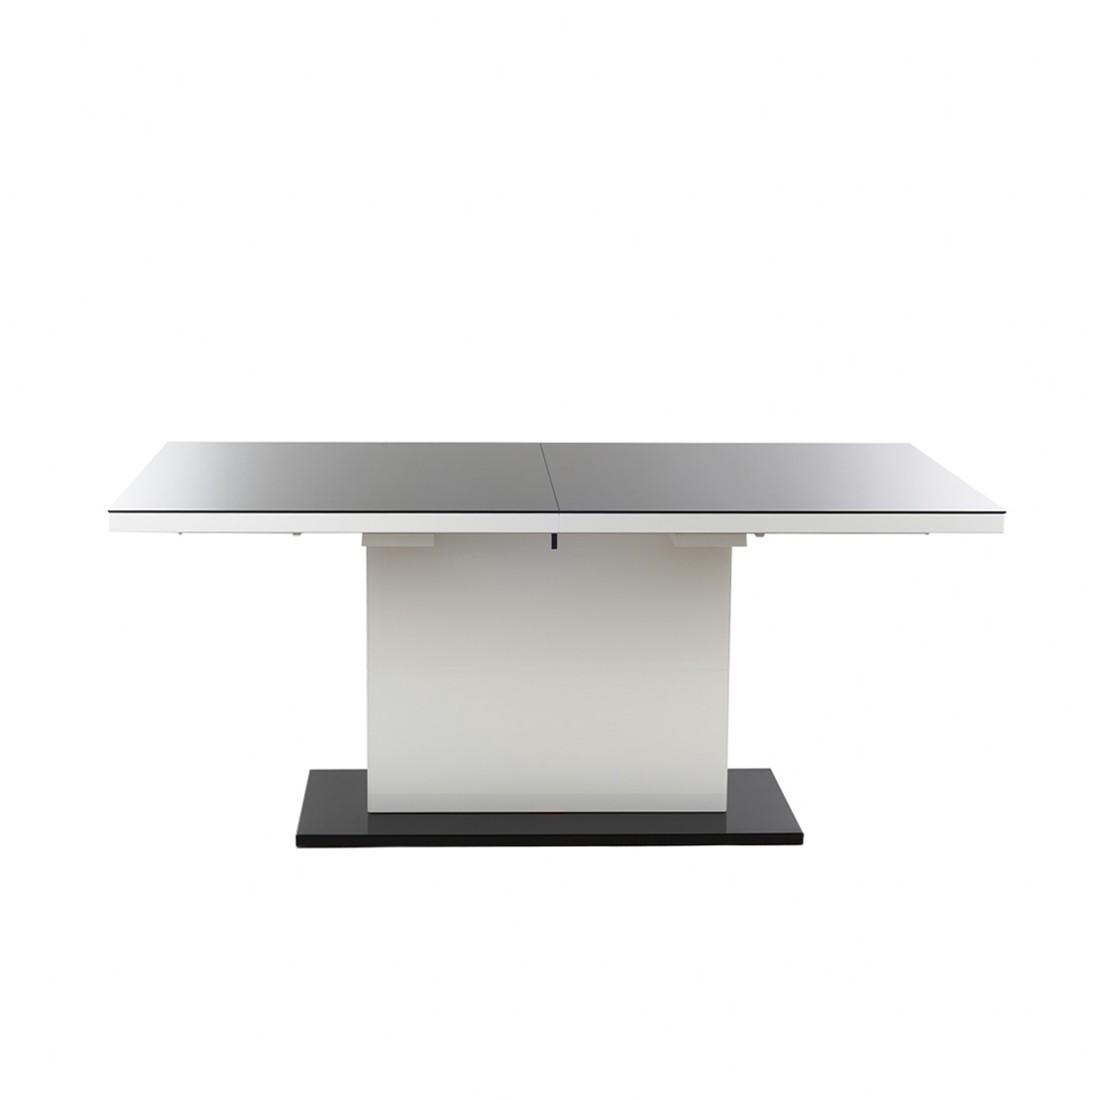 esstisch corana mit auszugsfunktion hochglanz wei. Black Bedroom Furniture Sets. Home Design Ideas